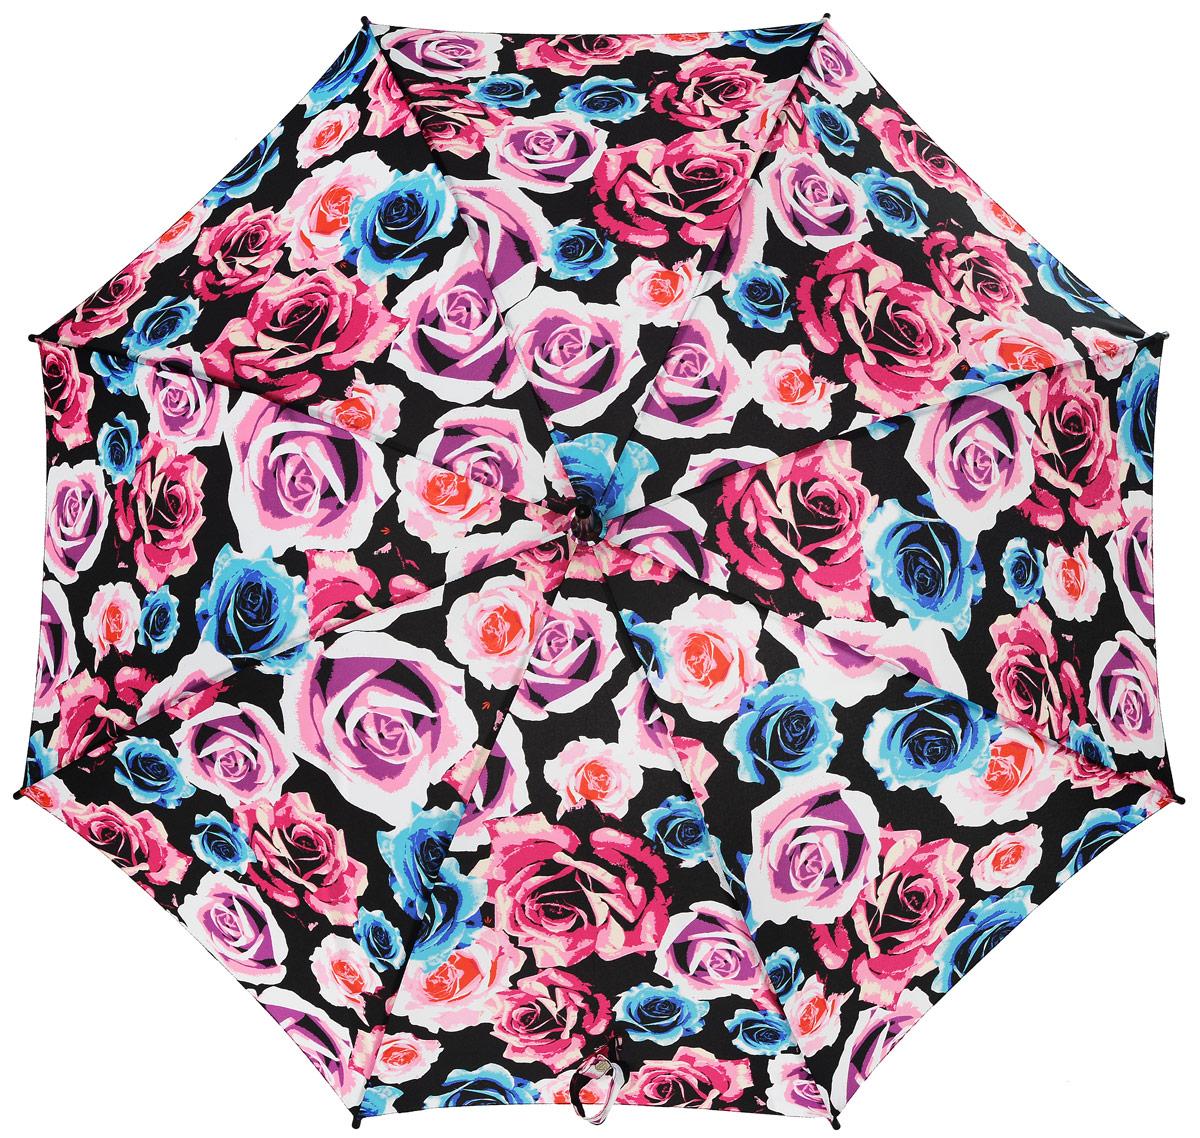 Зонт женский трость Fulton, расцветка: розы. L056-3040 PopRoseL056-3040 PopRoseСтильный зонт-трость Fulton даже в ненастную погоду позволит вам оставаться стильной и элегантной. Каркас зонта включает 8 спиц из фибергласса и состоит из стержня, изготовленного из прочной и ветроустойчивой стали. Купол зонта выполнен из высококачественного полиэстера. Рукоятка закругленной формы, разработанная с учетом требований эргономики, изготовлена из натурального дерева. Зонт механического сложения: купол открывается и закрывается вручную до характерного щелчка. Такой зонт не только надежно защитит вас от дождя, но и станет стильным аксессуаром, который идеально подчеркнет ваш неповторимый образ.